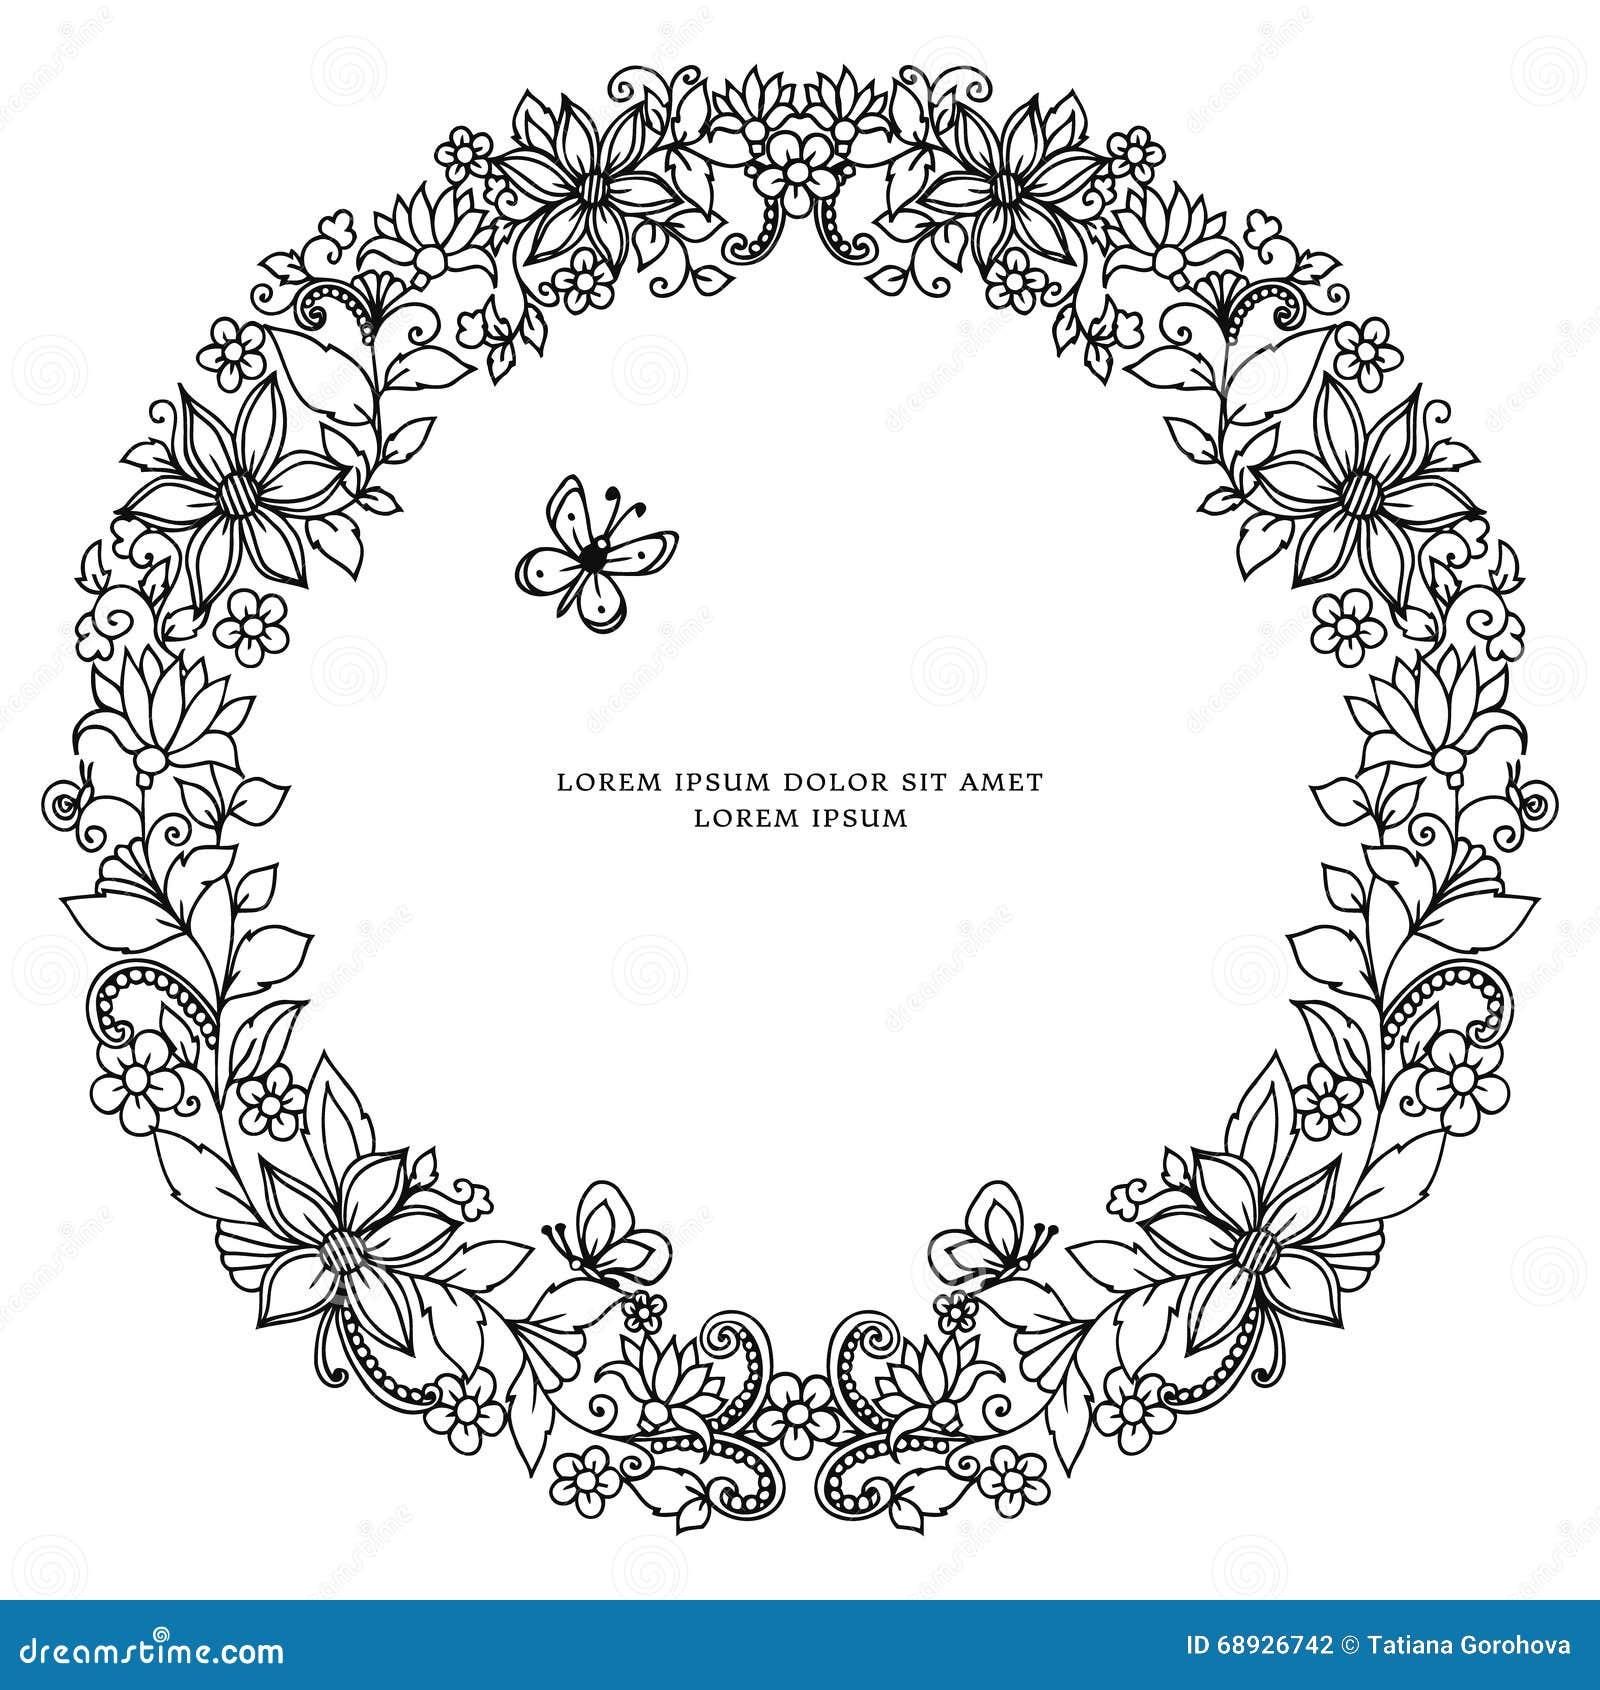 Vector Illustration zentangl runden Blumenrahmen, Symmetrie Kritzeln Sie Blumen, Biene, Schmetterling zenart und dudling Farbton